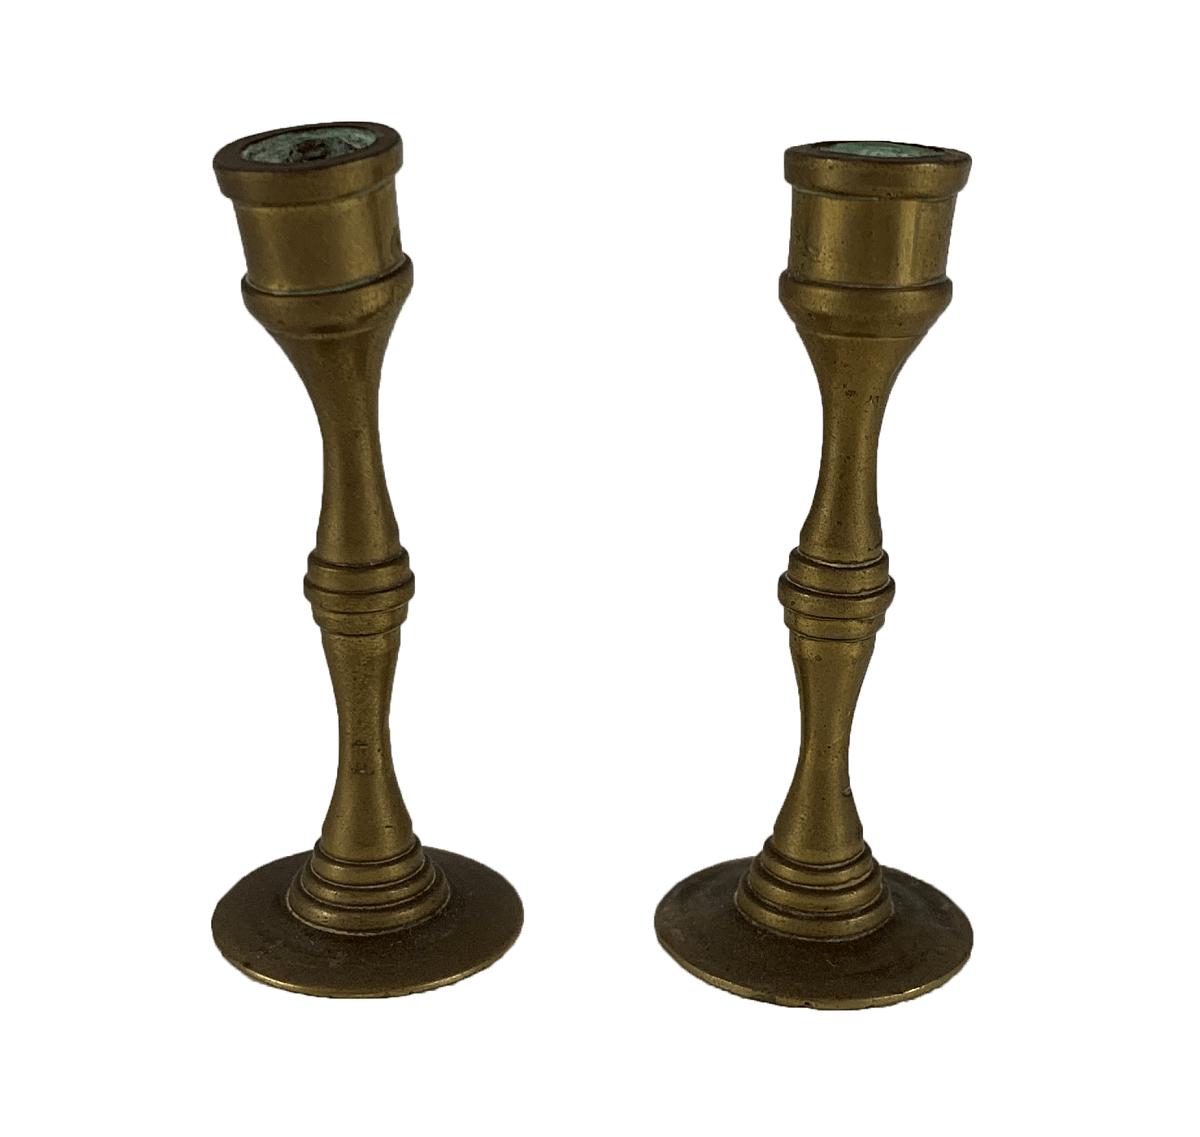 Par De Castiçal Antigo Em Miniatura 7cm Altura